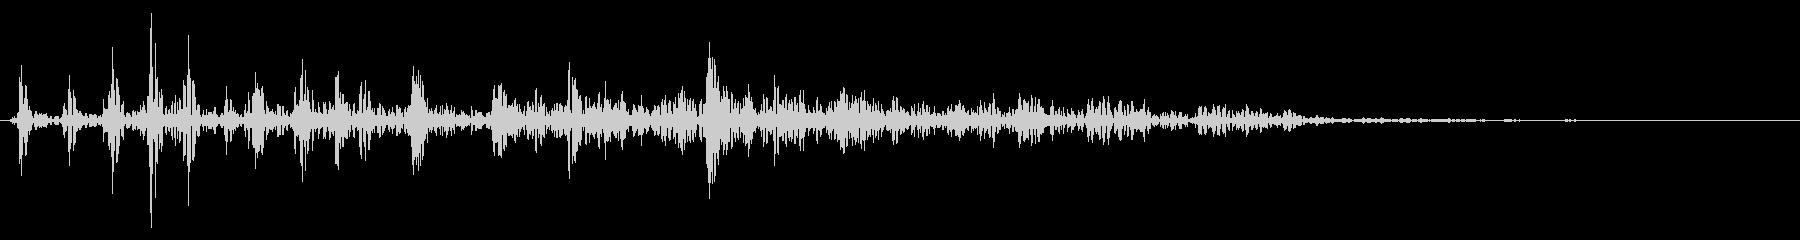 カウッ(可愛い噛みつき音)の未再生の波形